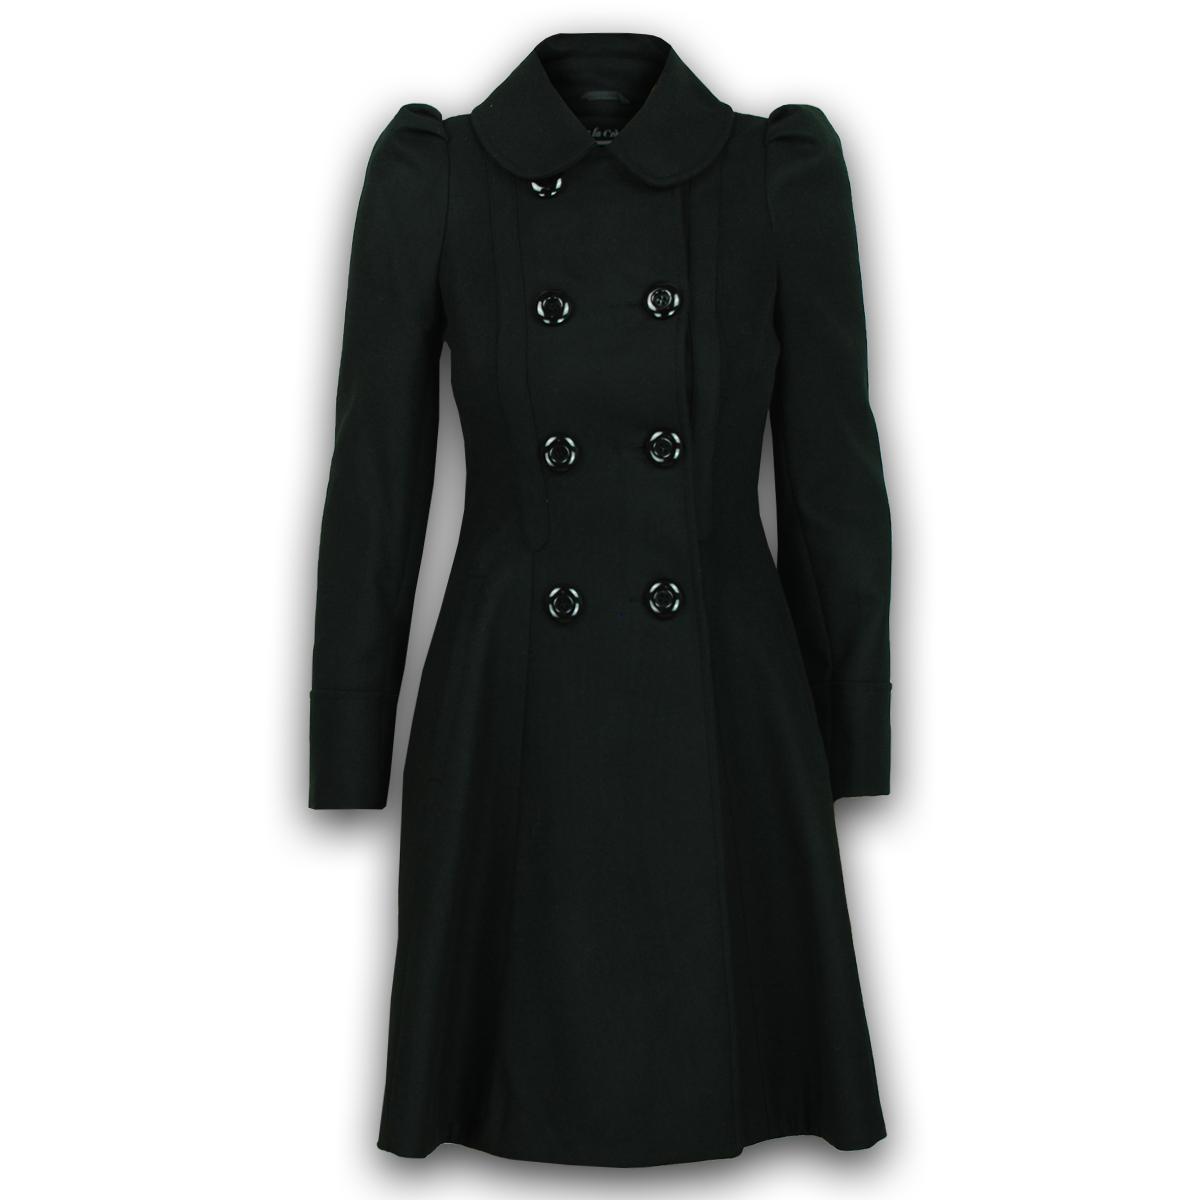 Mesdames manteau femme laine look bureau double boutonnage - Look bureau femme ...